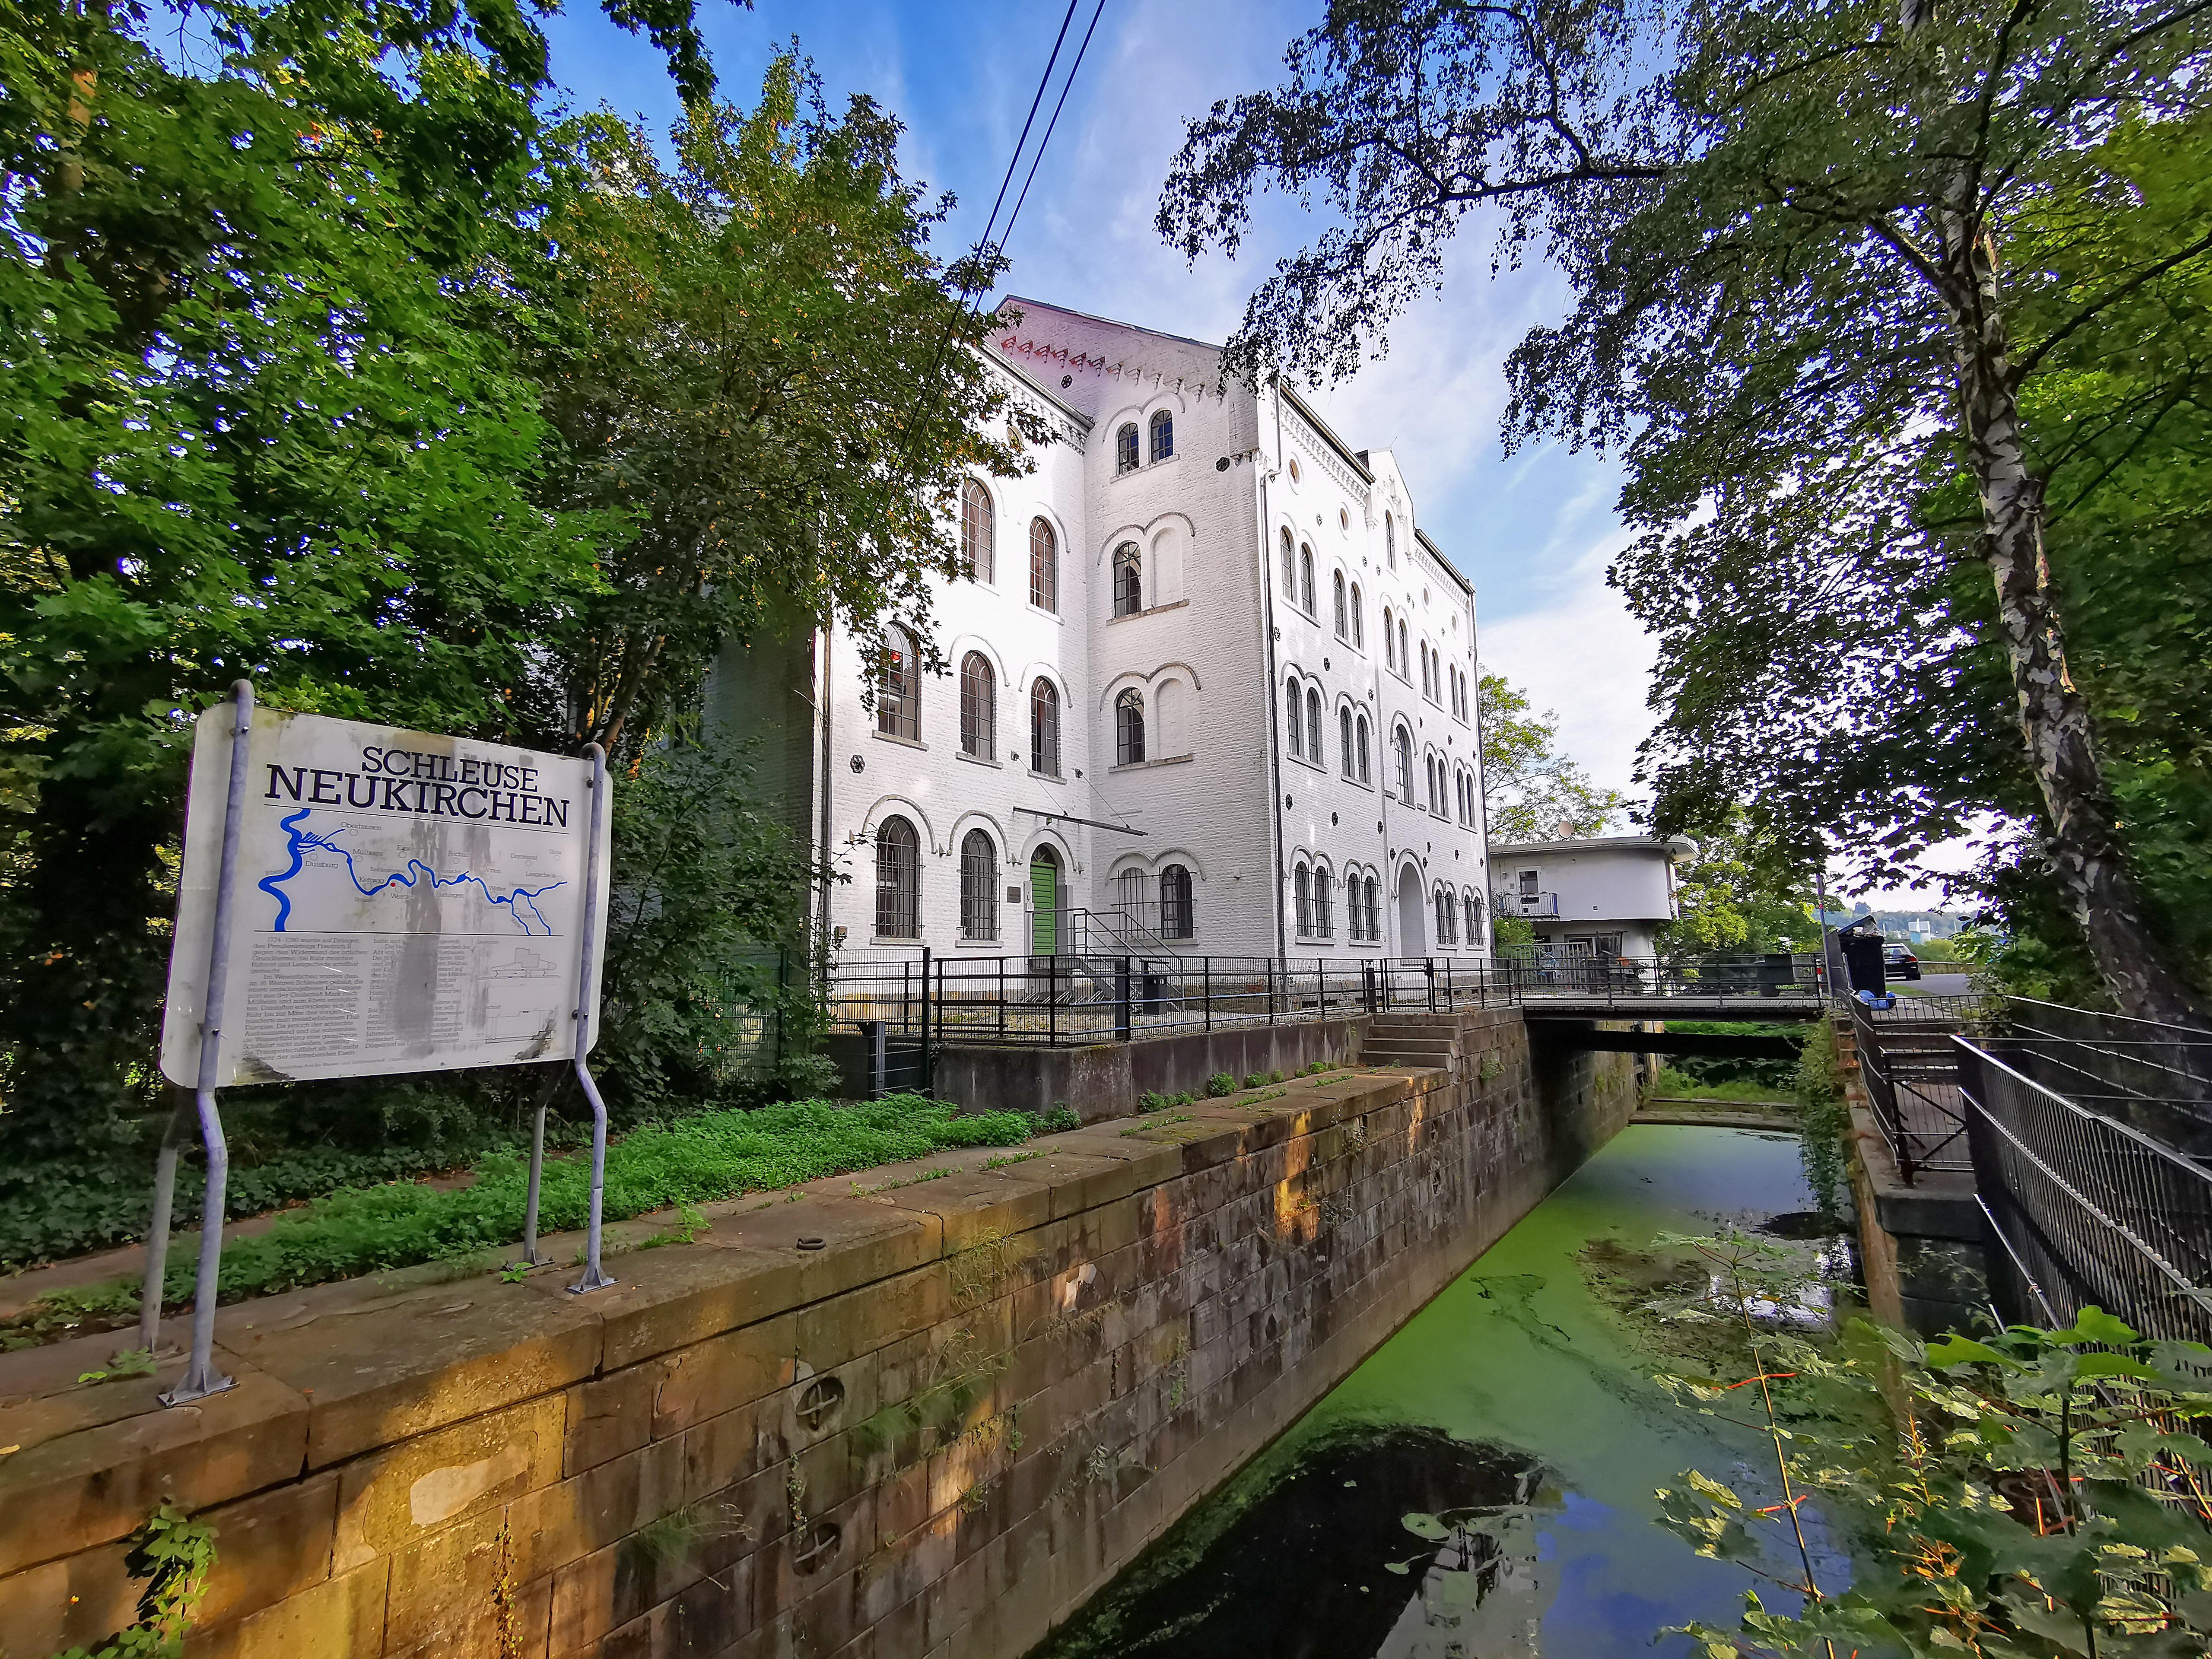 Das Bild zeigt die Schleuse Neukirchen in Essen-Werden